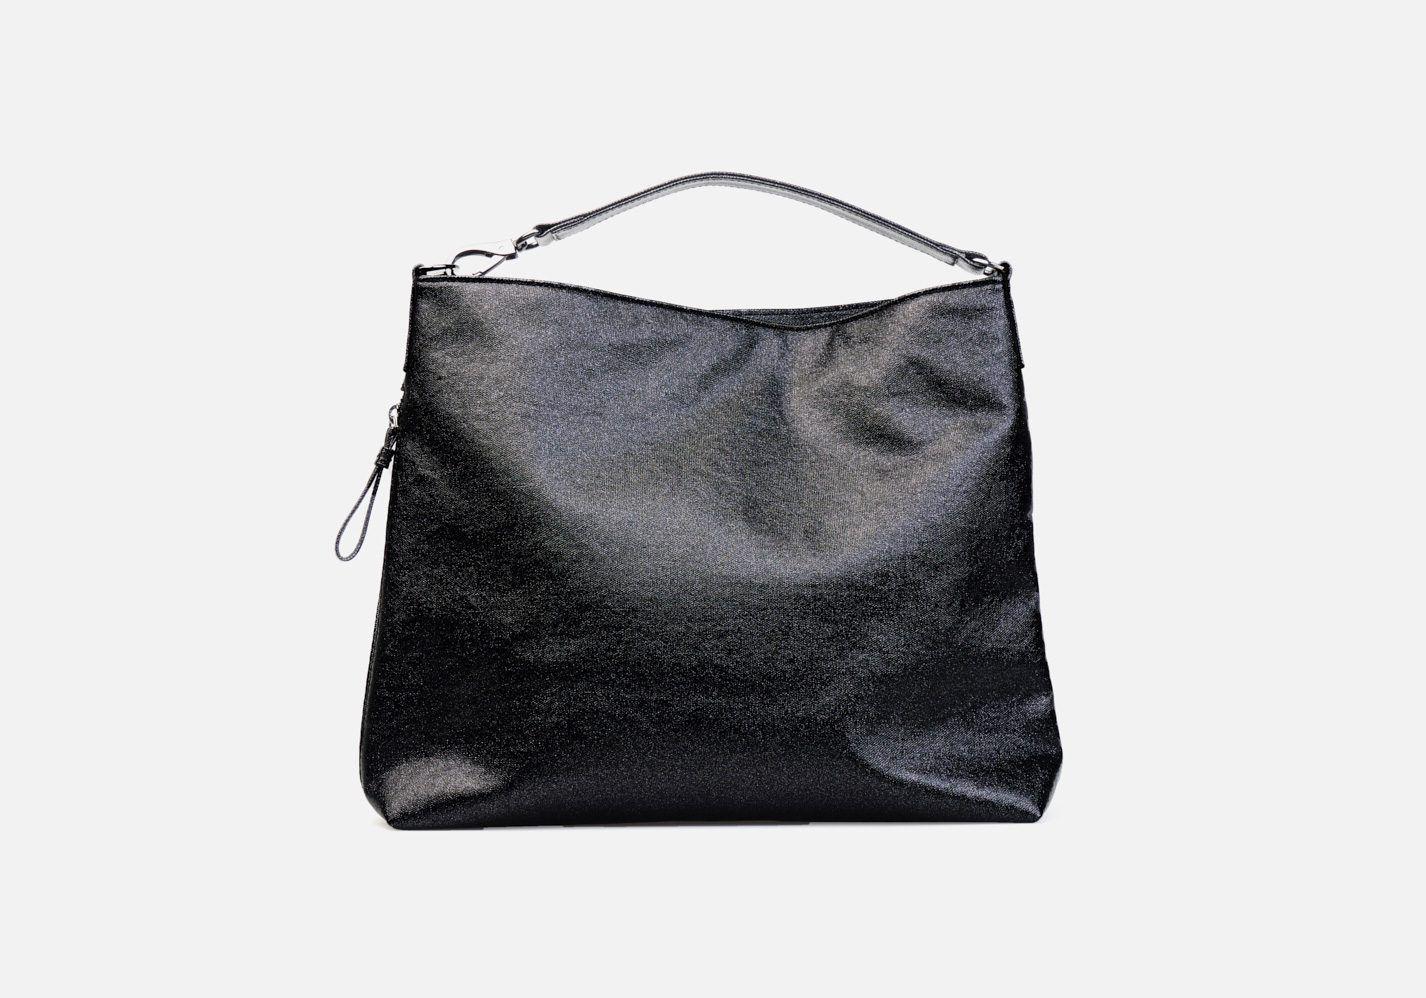 Bolso en tejido laminado con aspecto metalizado – Frontal modelo Beethoven en color negro